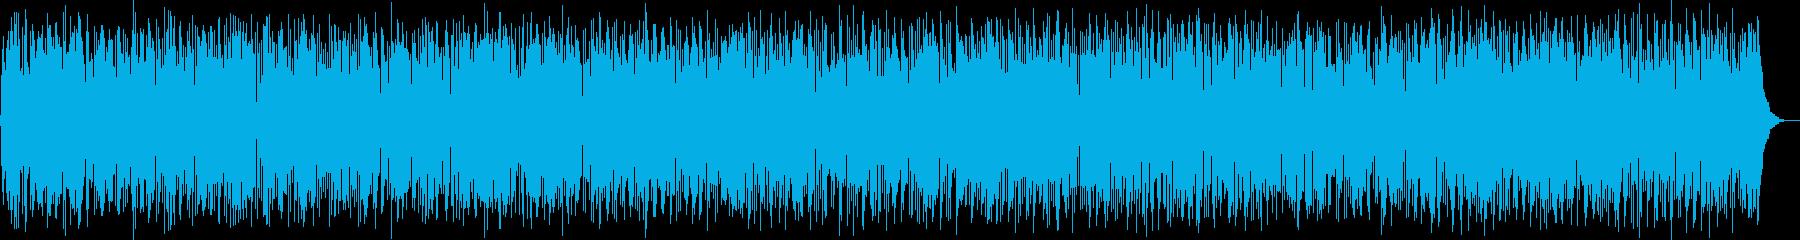 秋の気配を感じるラテンファンクの再生済みの波形